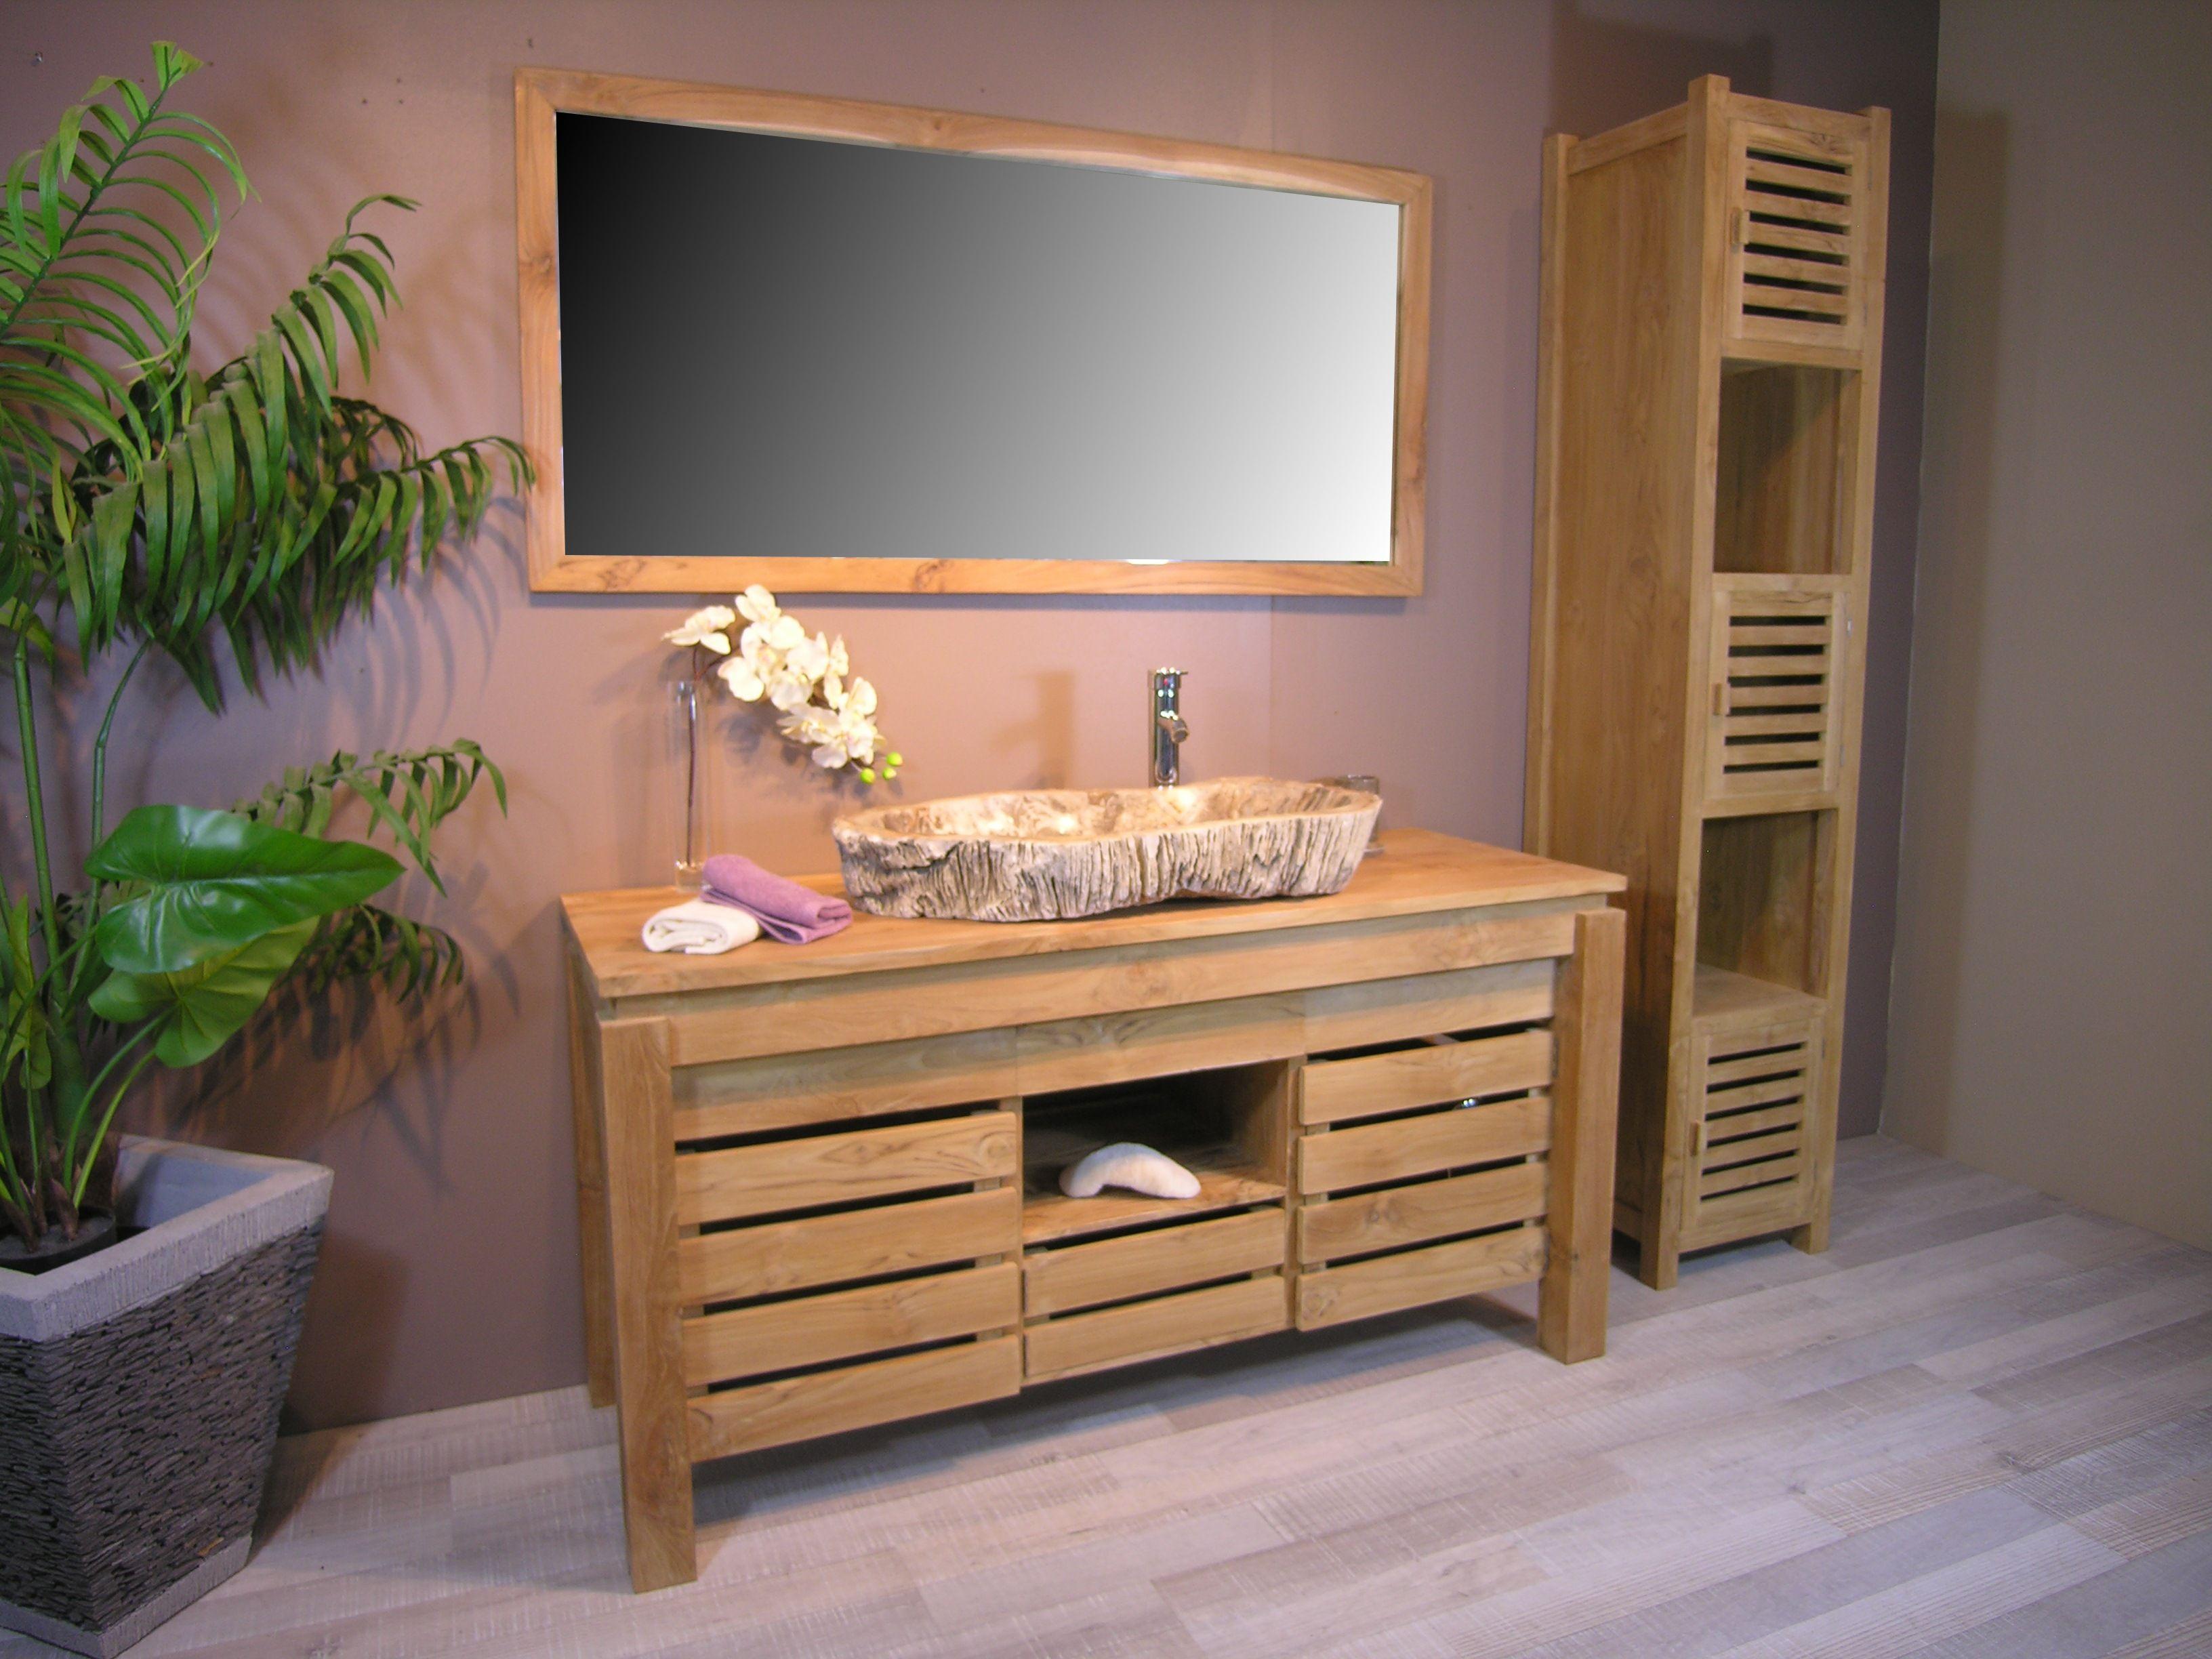 Meuble de salle de bain en teck ZEN double vasque 145cm  Salle de bain en teck Double vasque